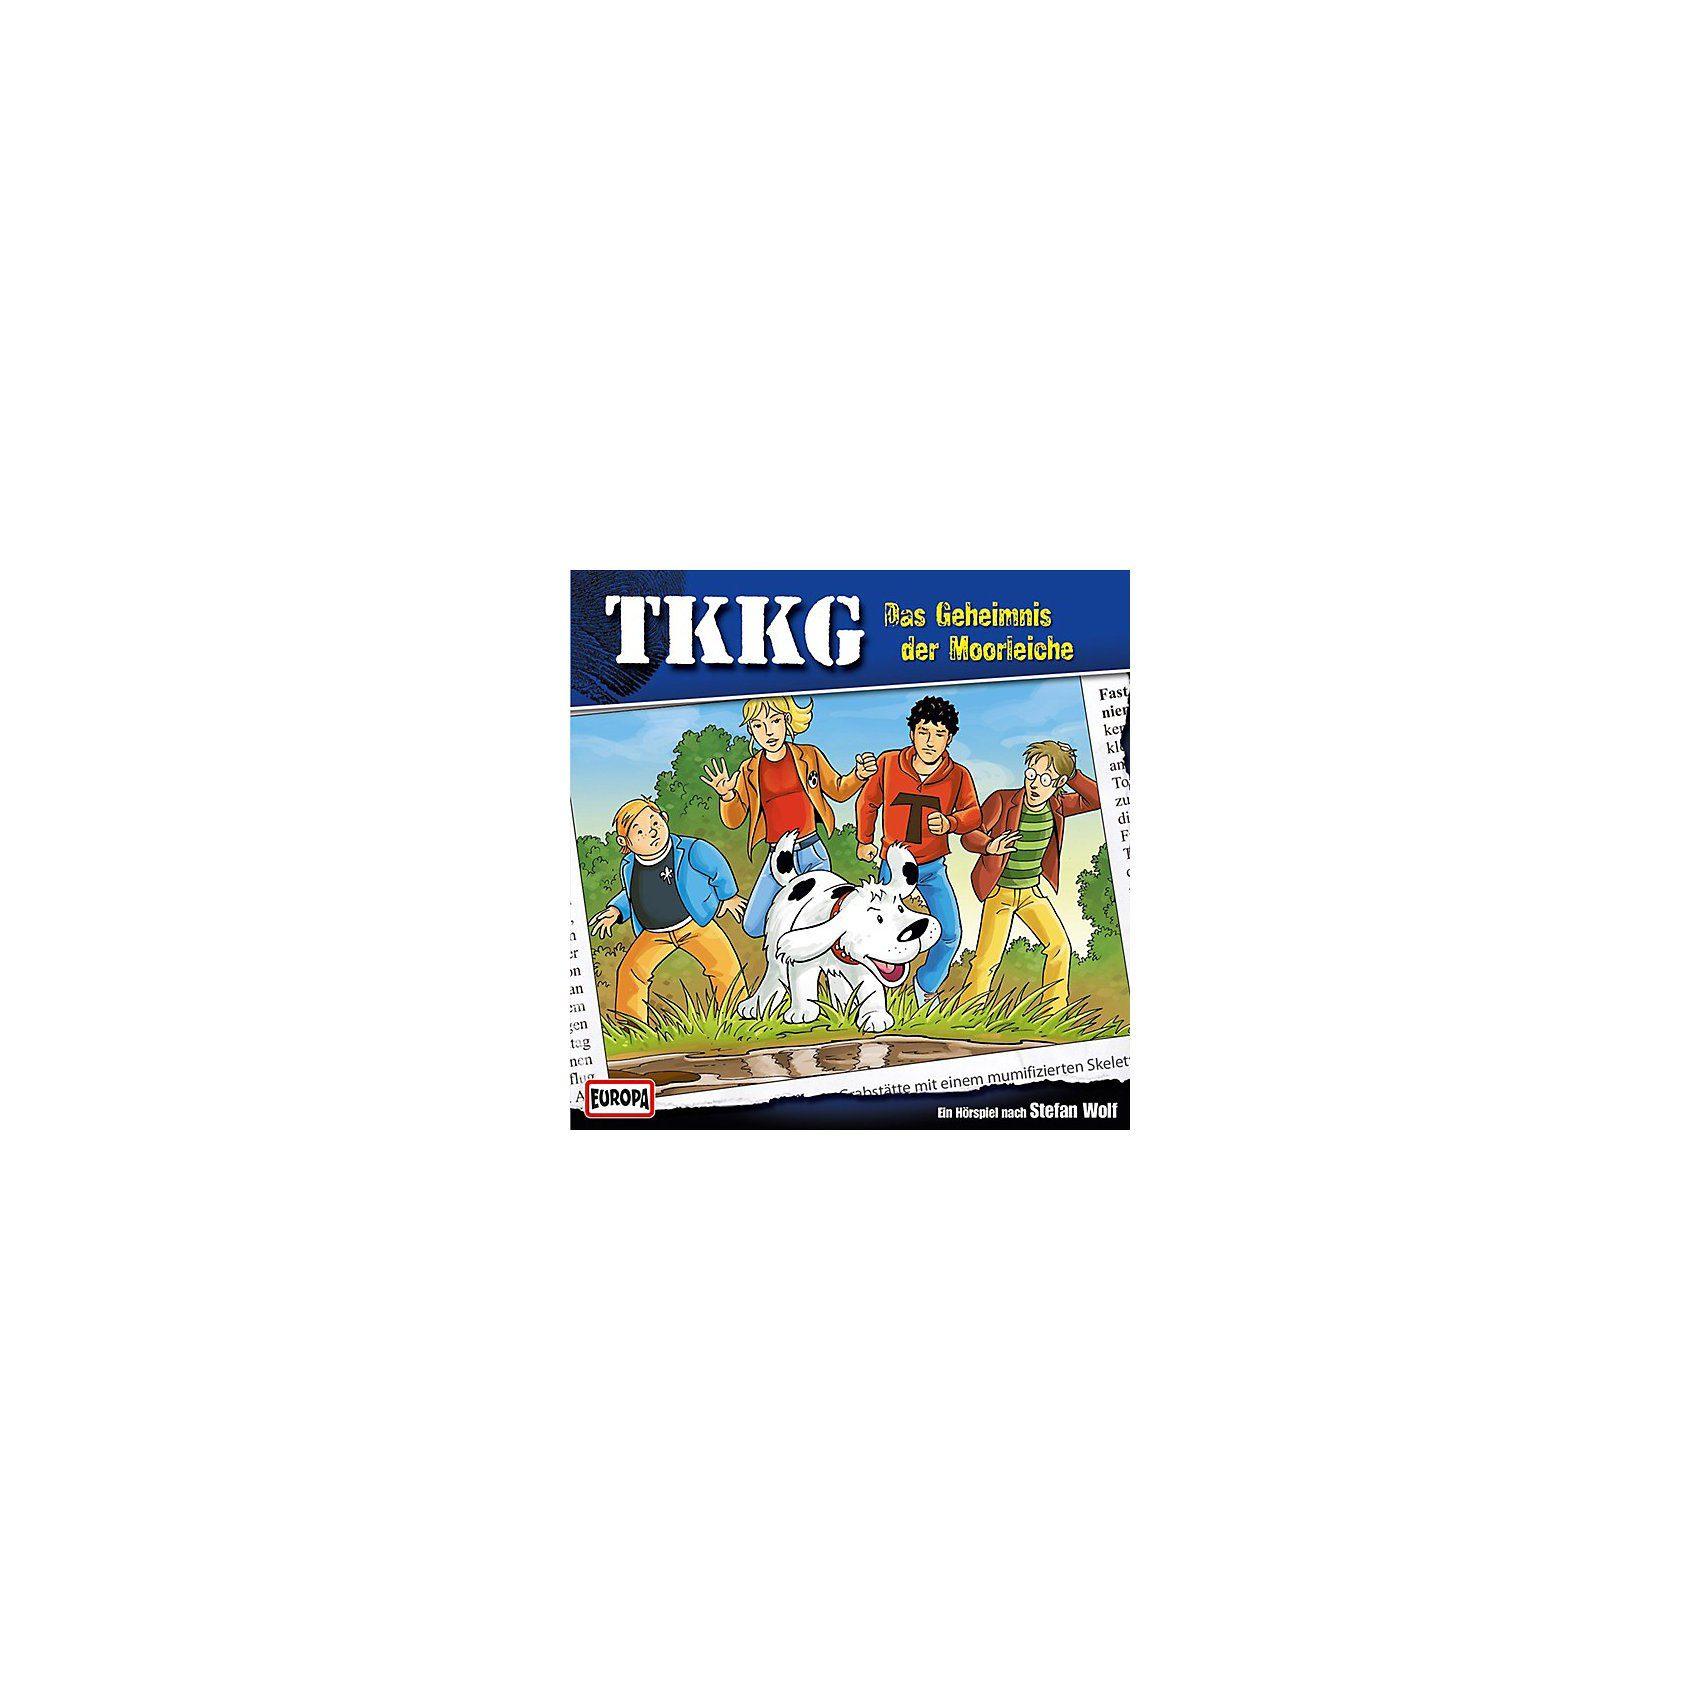 Sony CD TKKG 172 - Das Geheimnis der Moorleiche